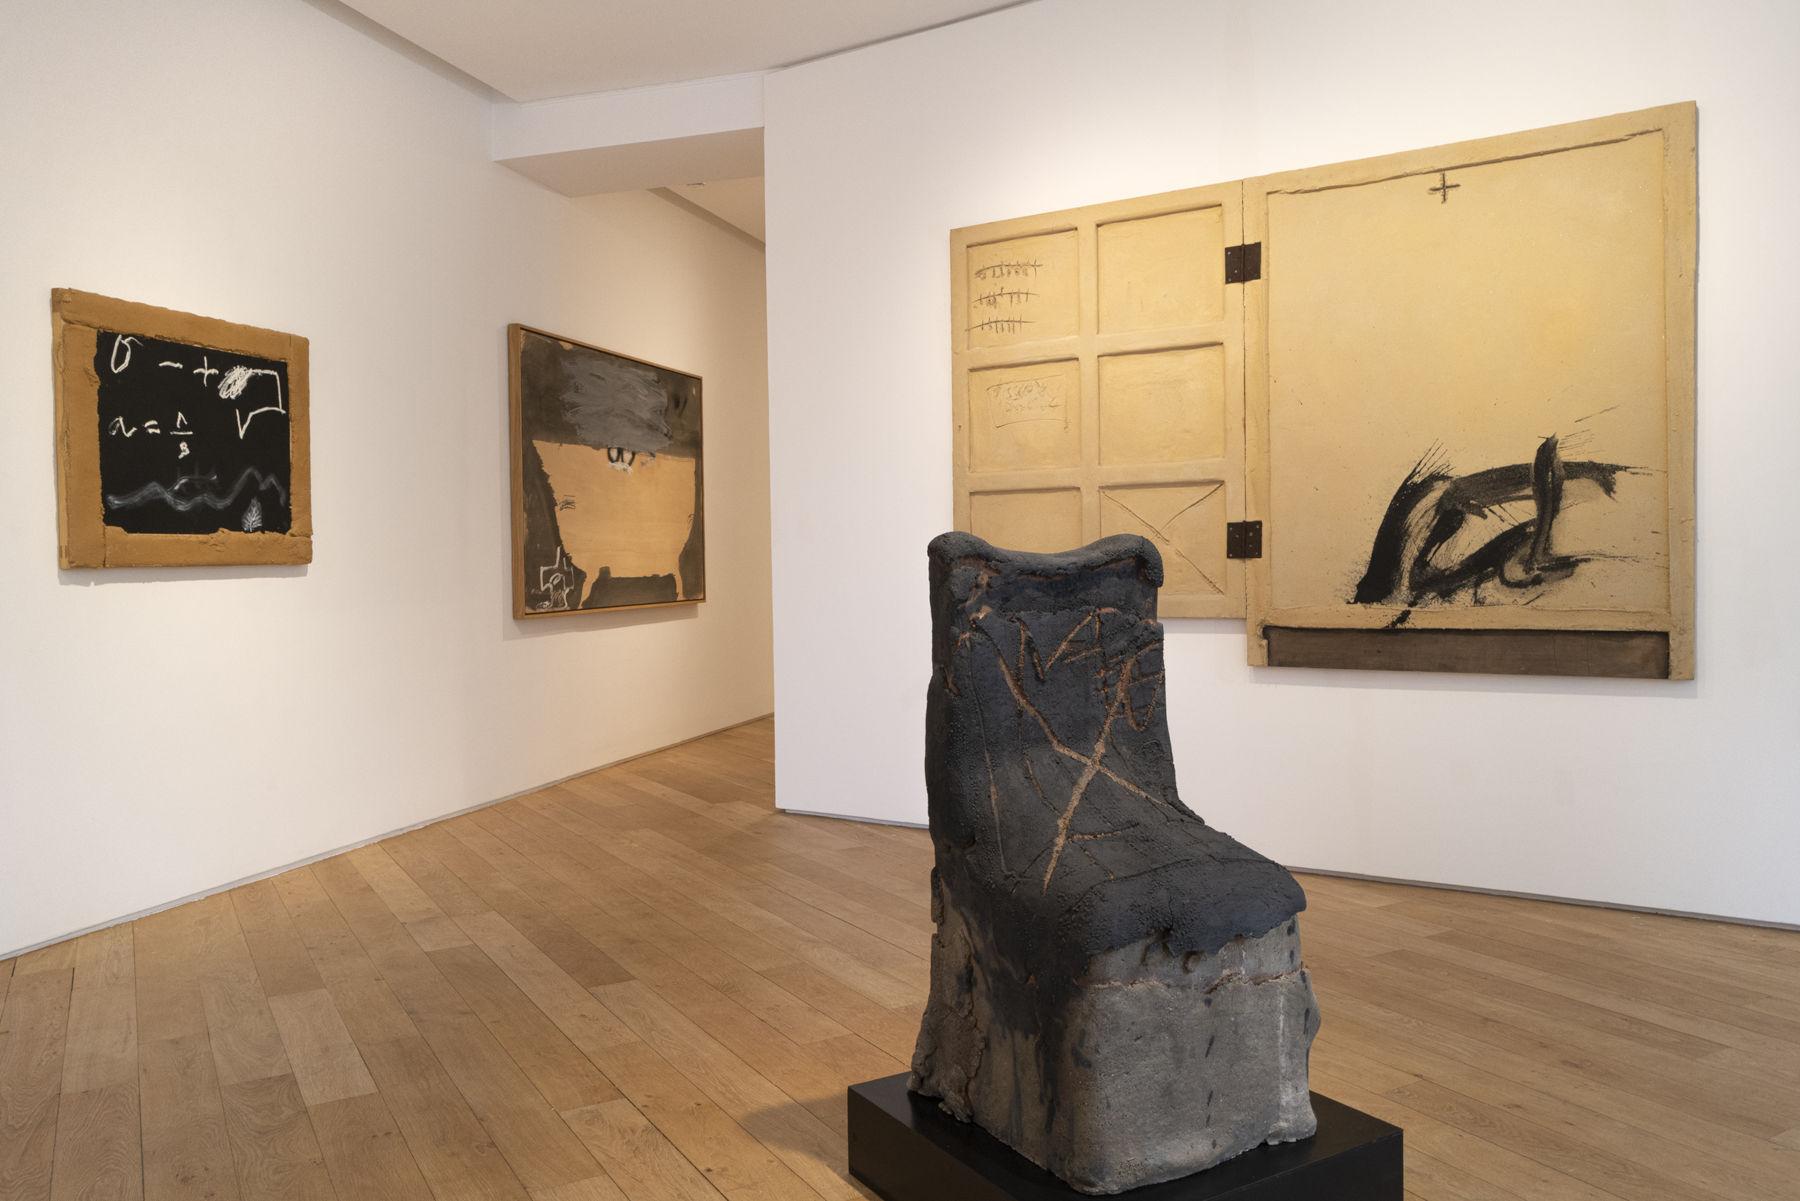 Galerie Lelong Antoni Tapies 1